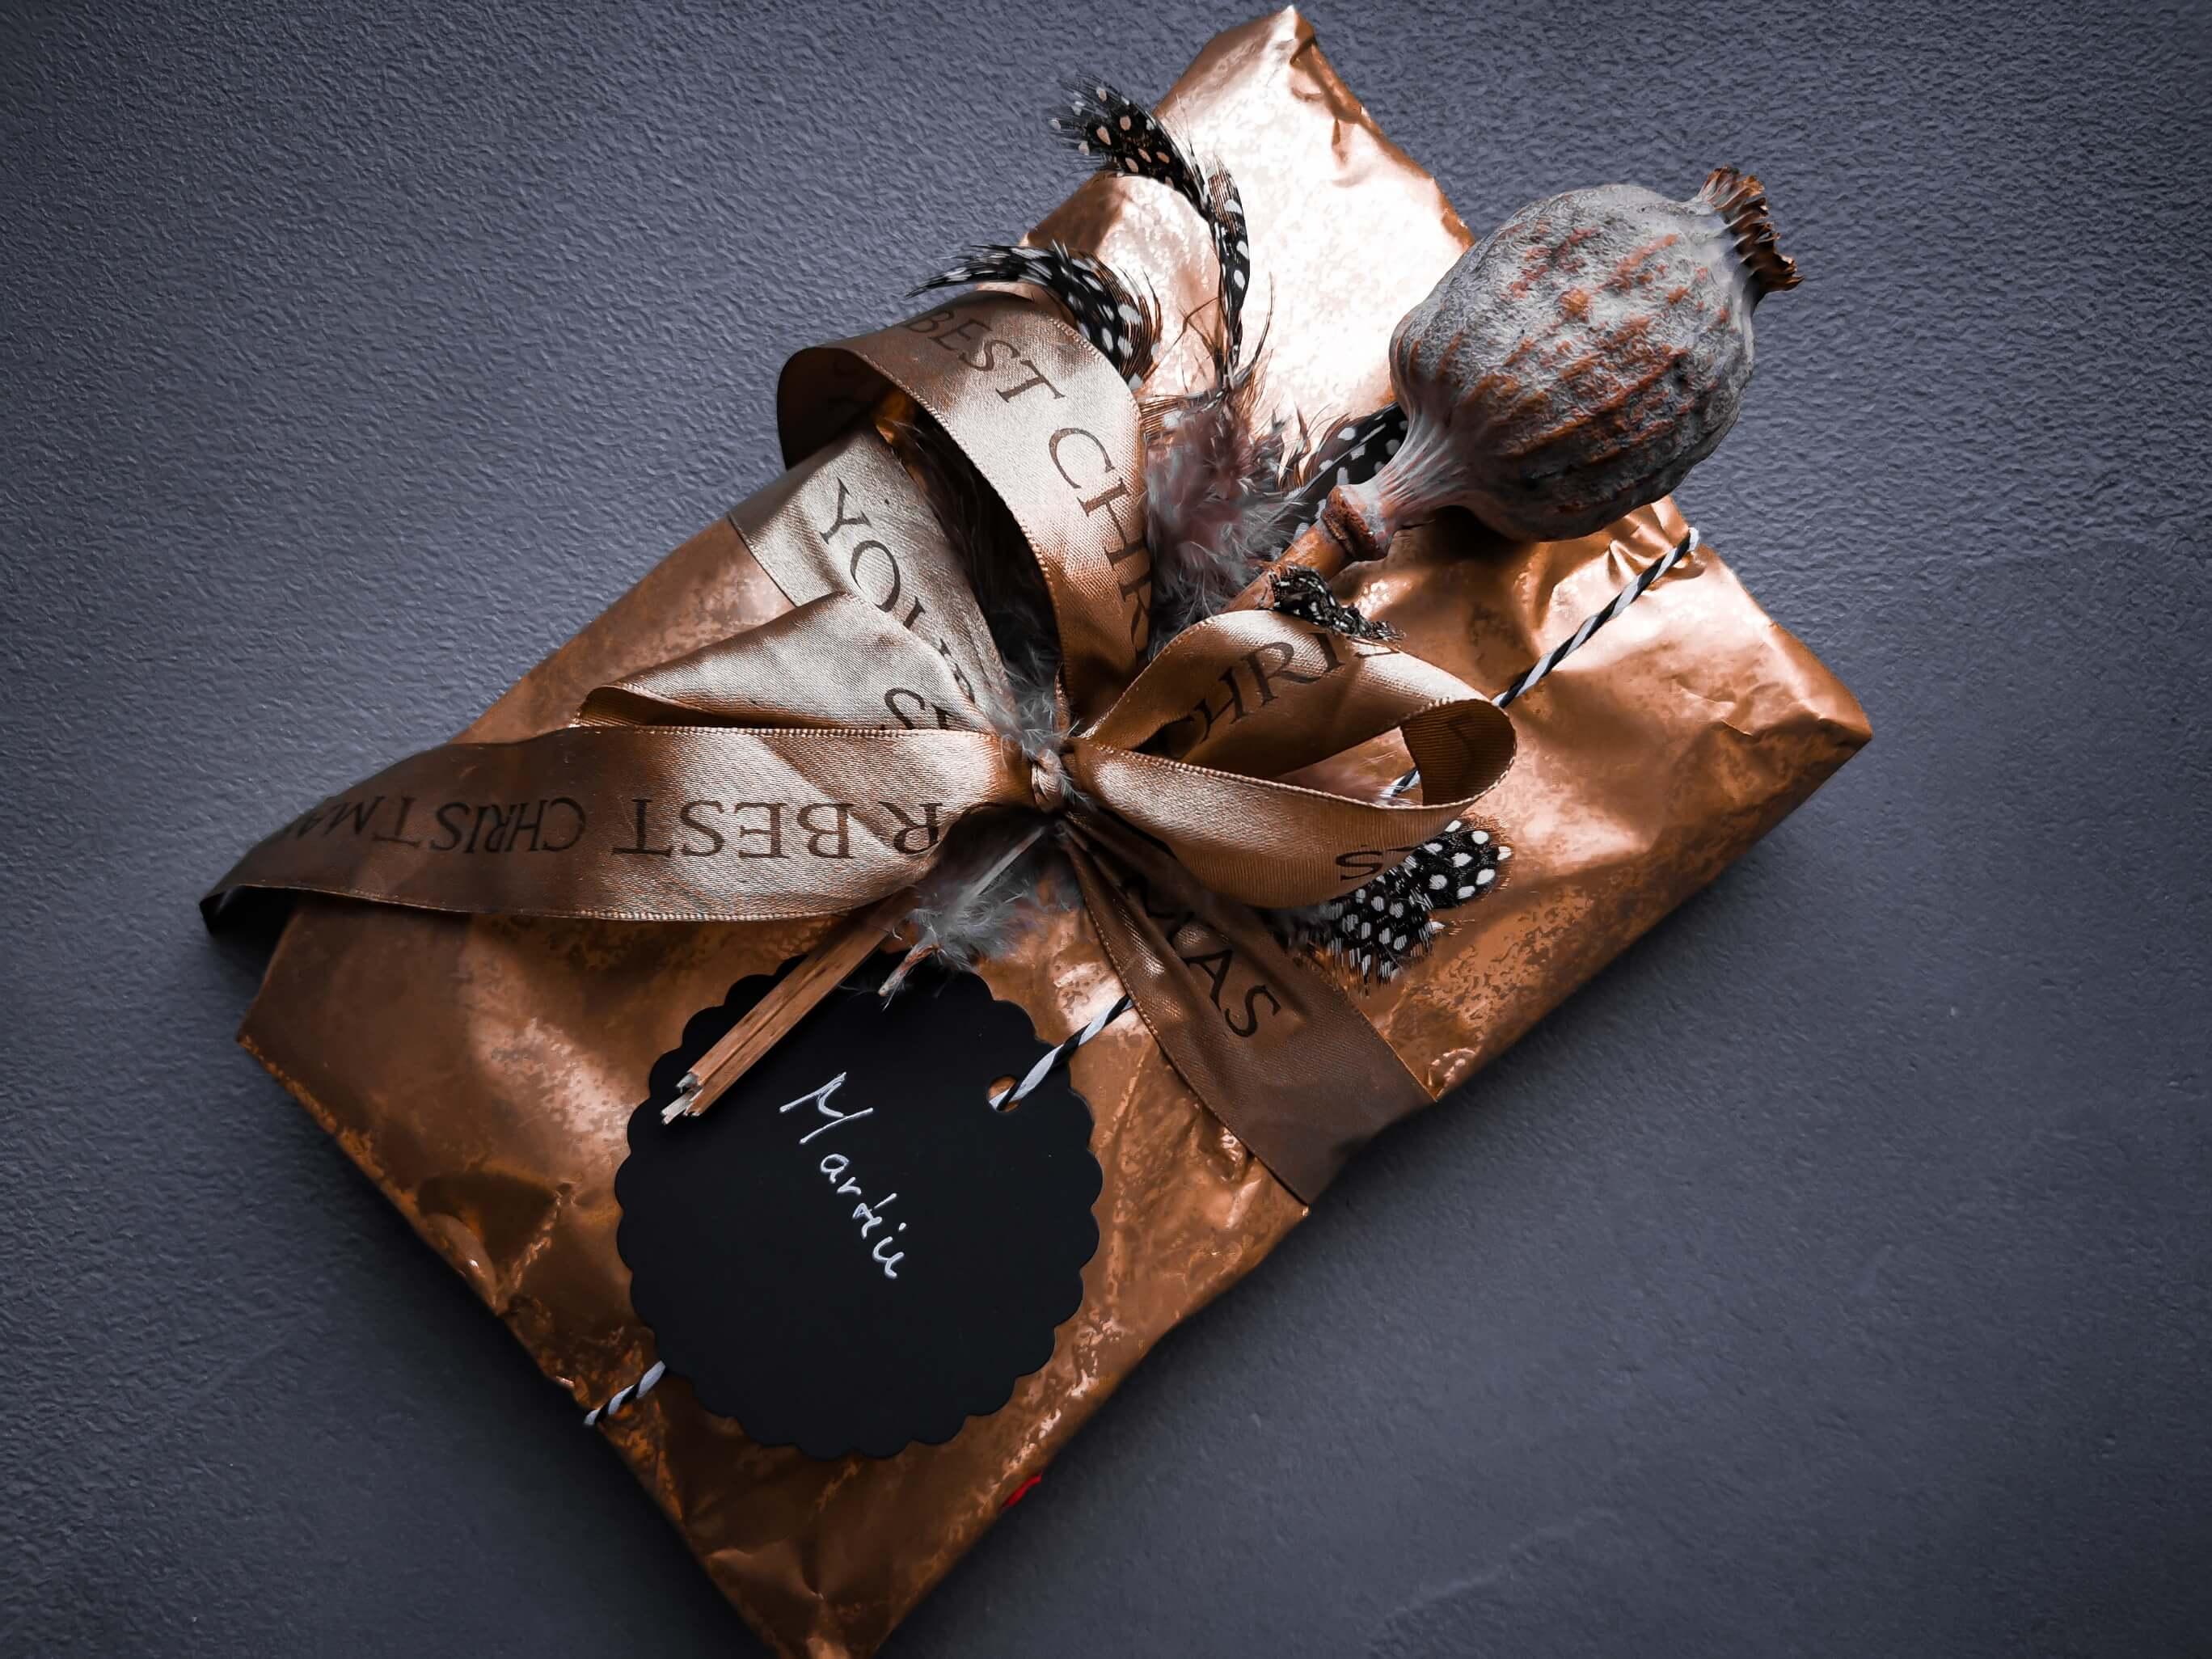 IMG 20191207 112922 resized 20191208 060252267 - Geschenke verpacken: 11 kreative Tipps zum Selbermachen